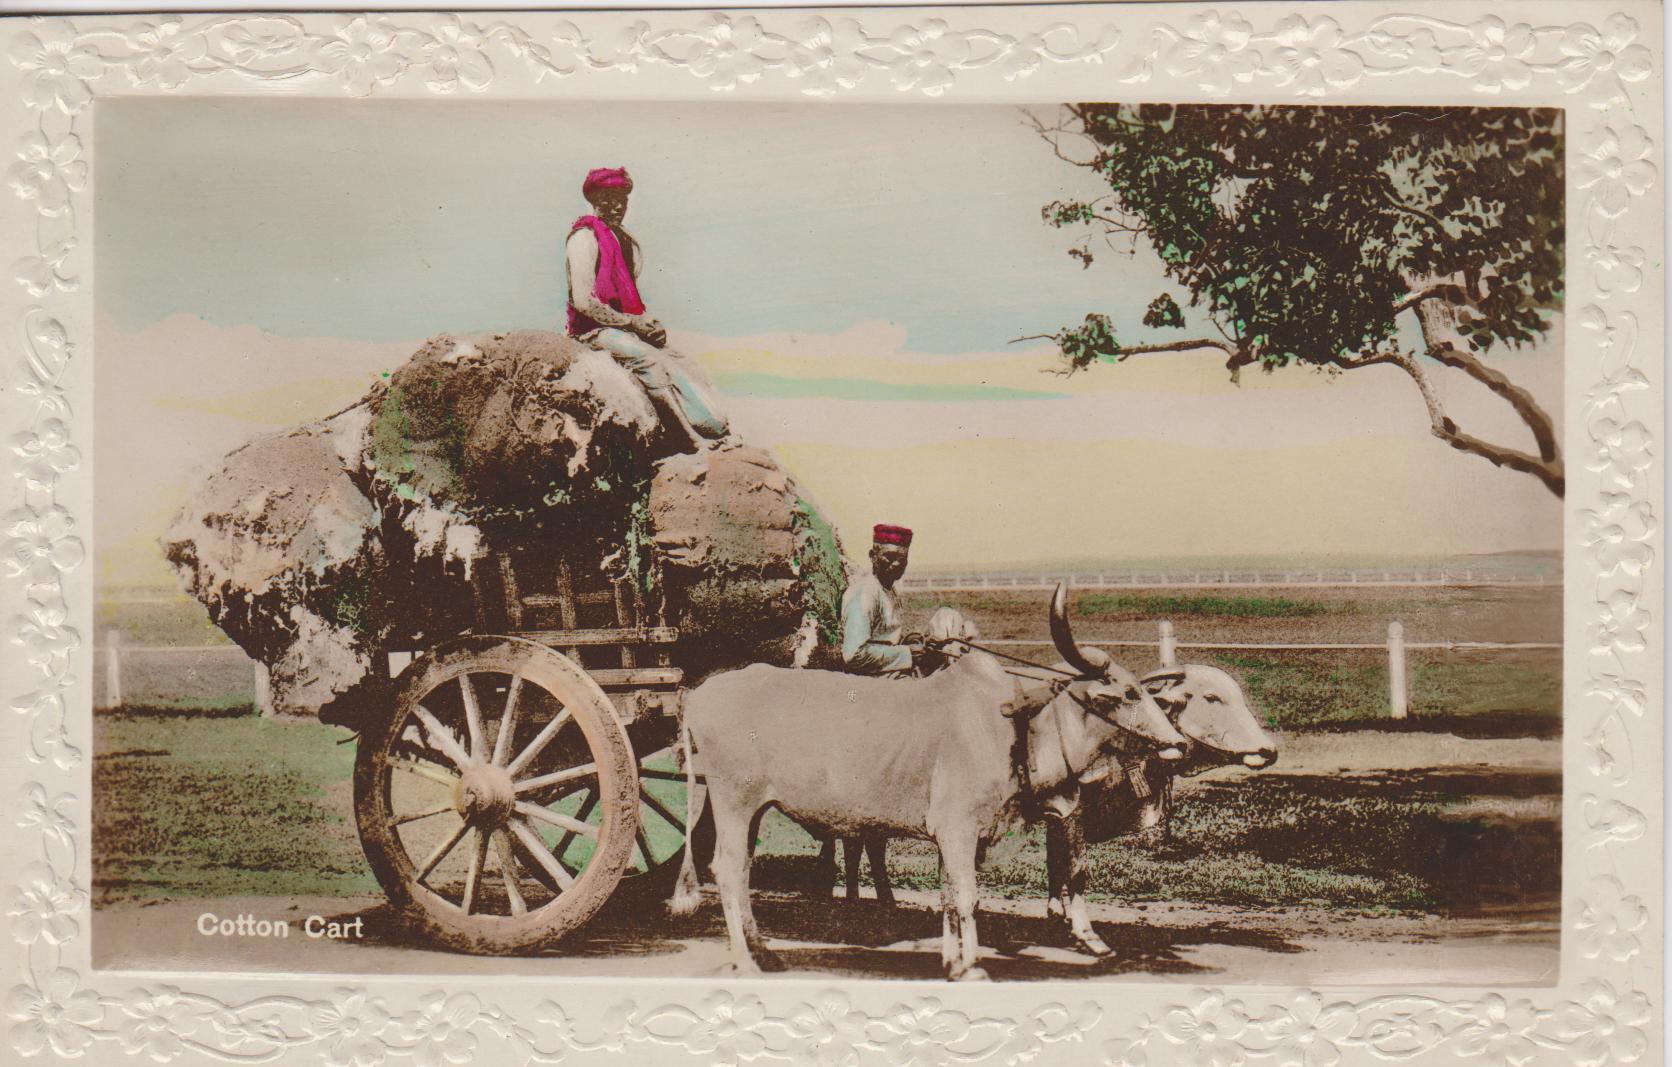 Antique postcard of a cotton cart